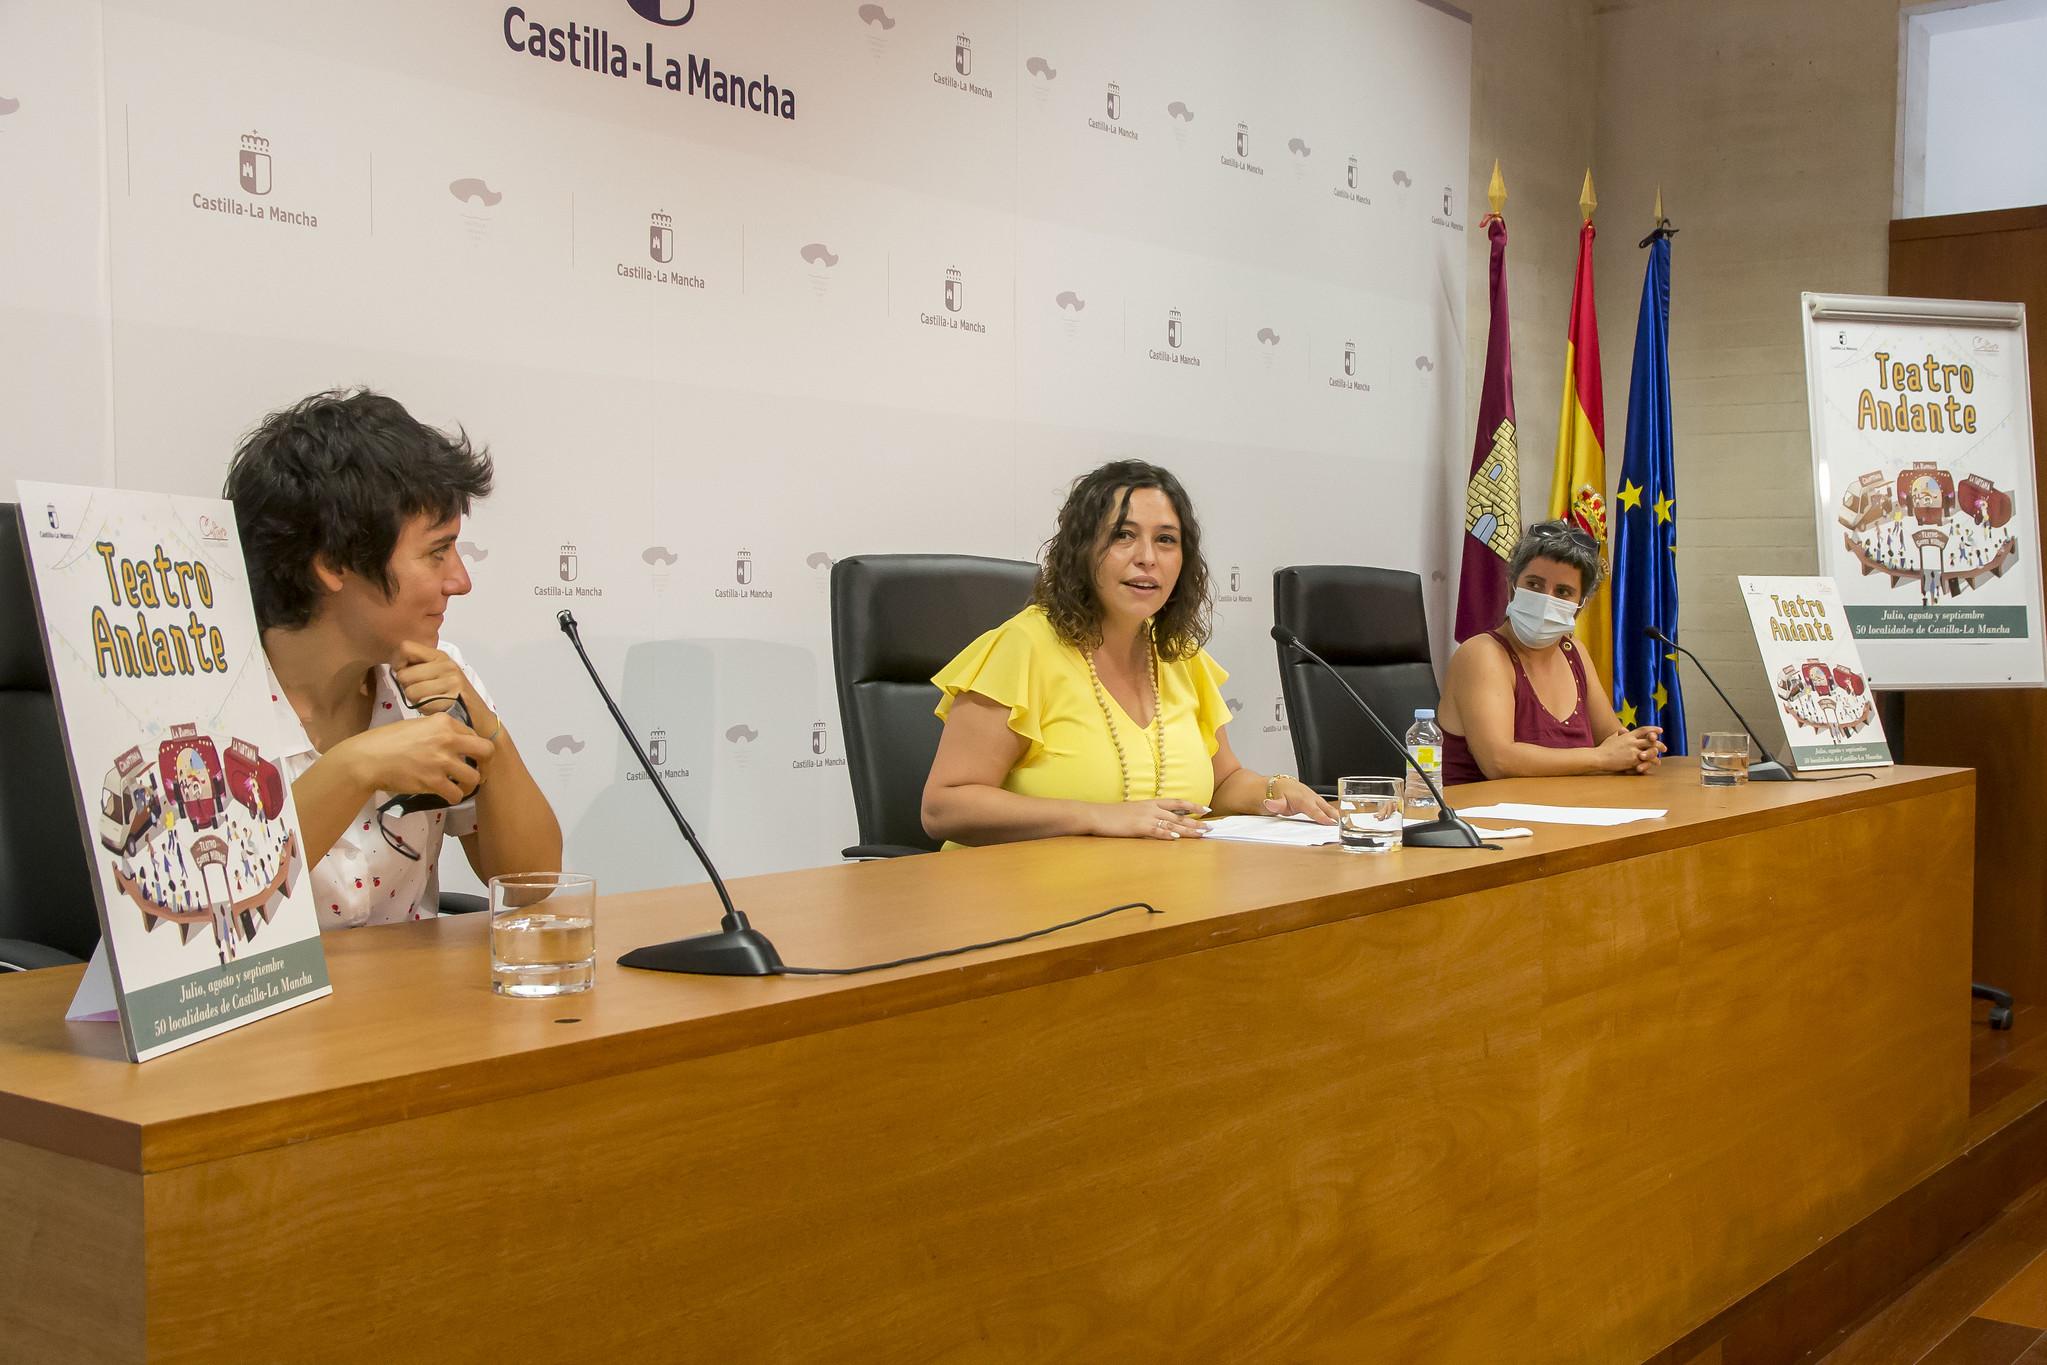 Presentación de la Temporada de 2021 de Artes Escénicas y Musicales de Castilla-La Mancha